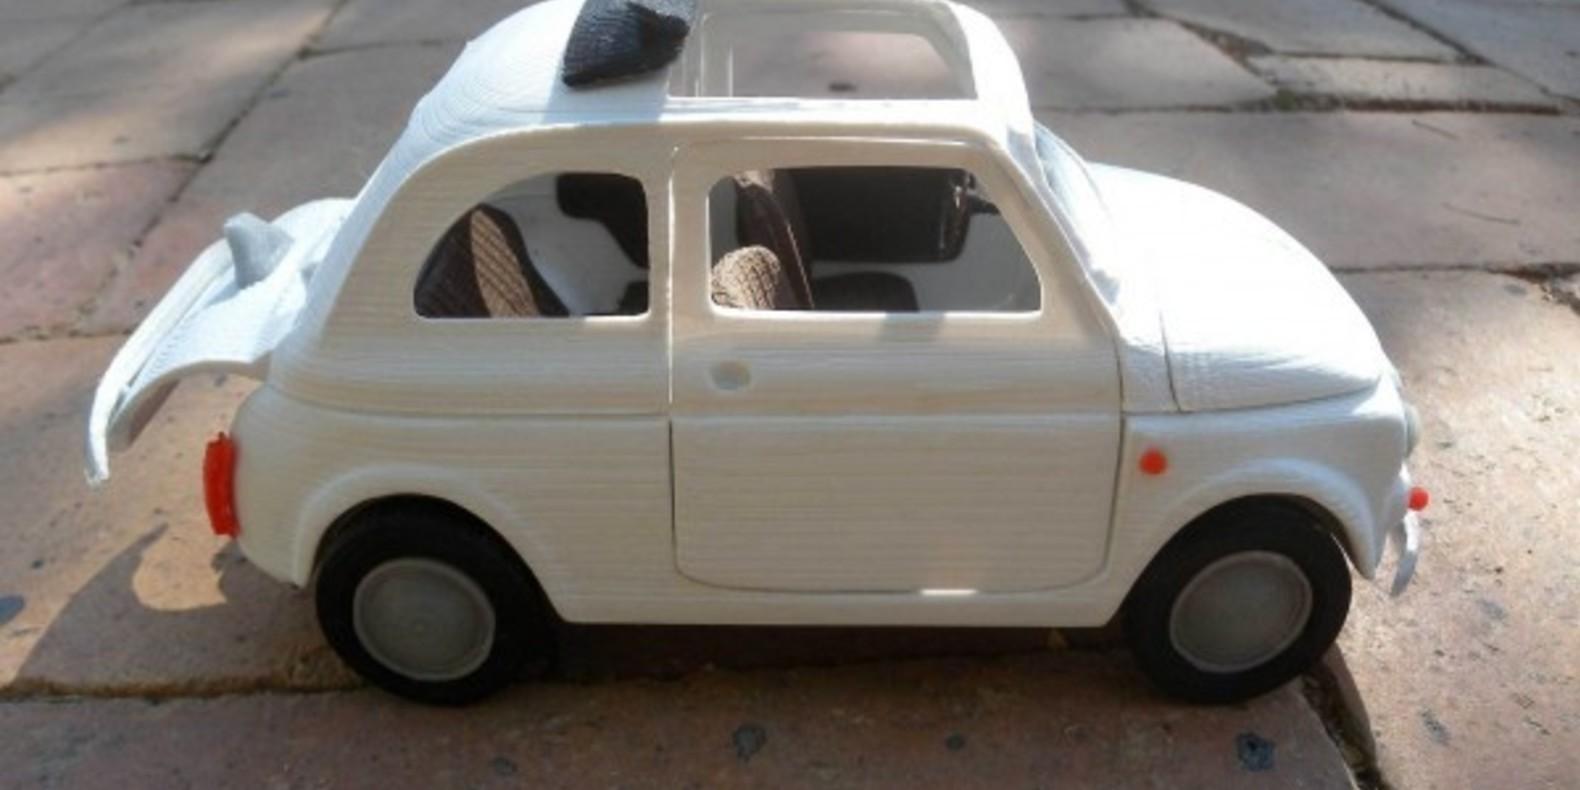 http://fichier3d.fr/wp-content/uploads/2015/01/Italian-Sixties-Car-3-Mao-Casella-Cults-e1421754133578.jpg